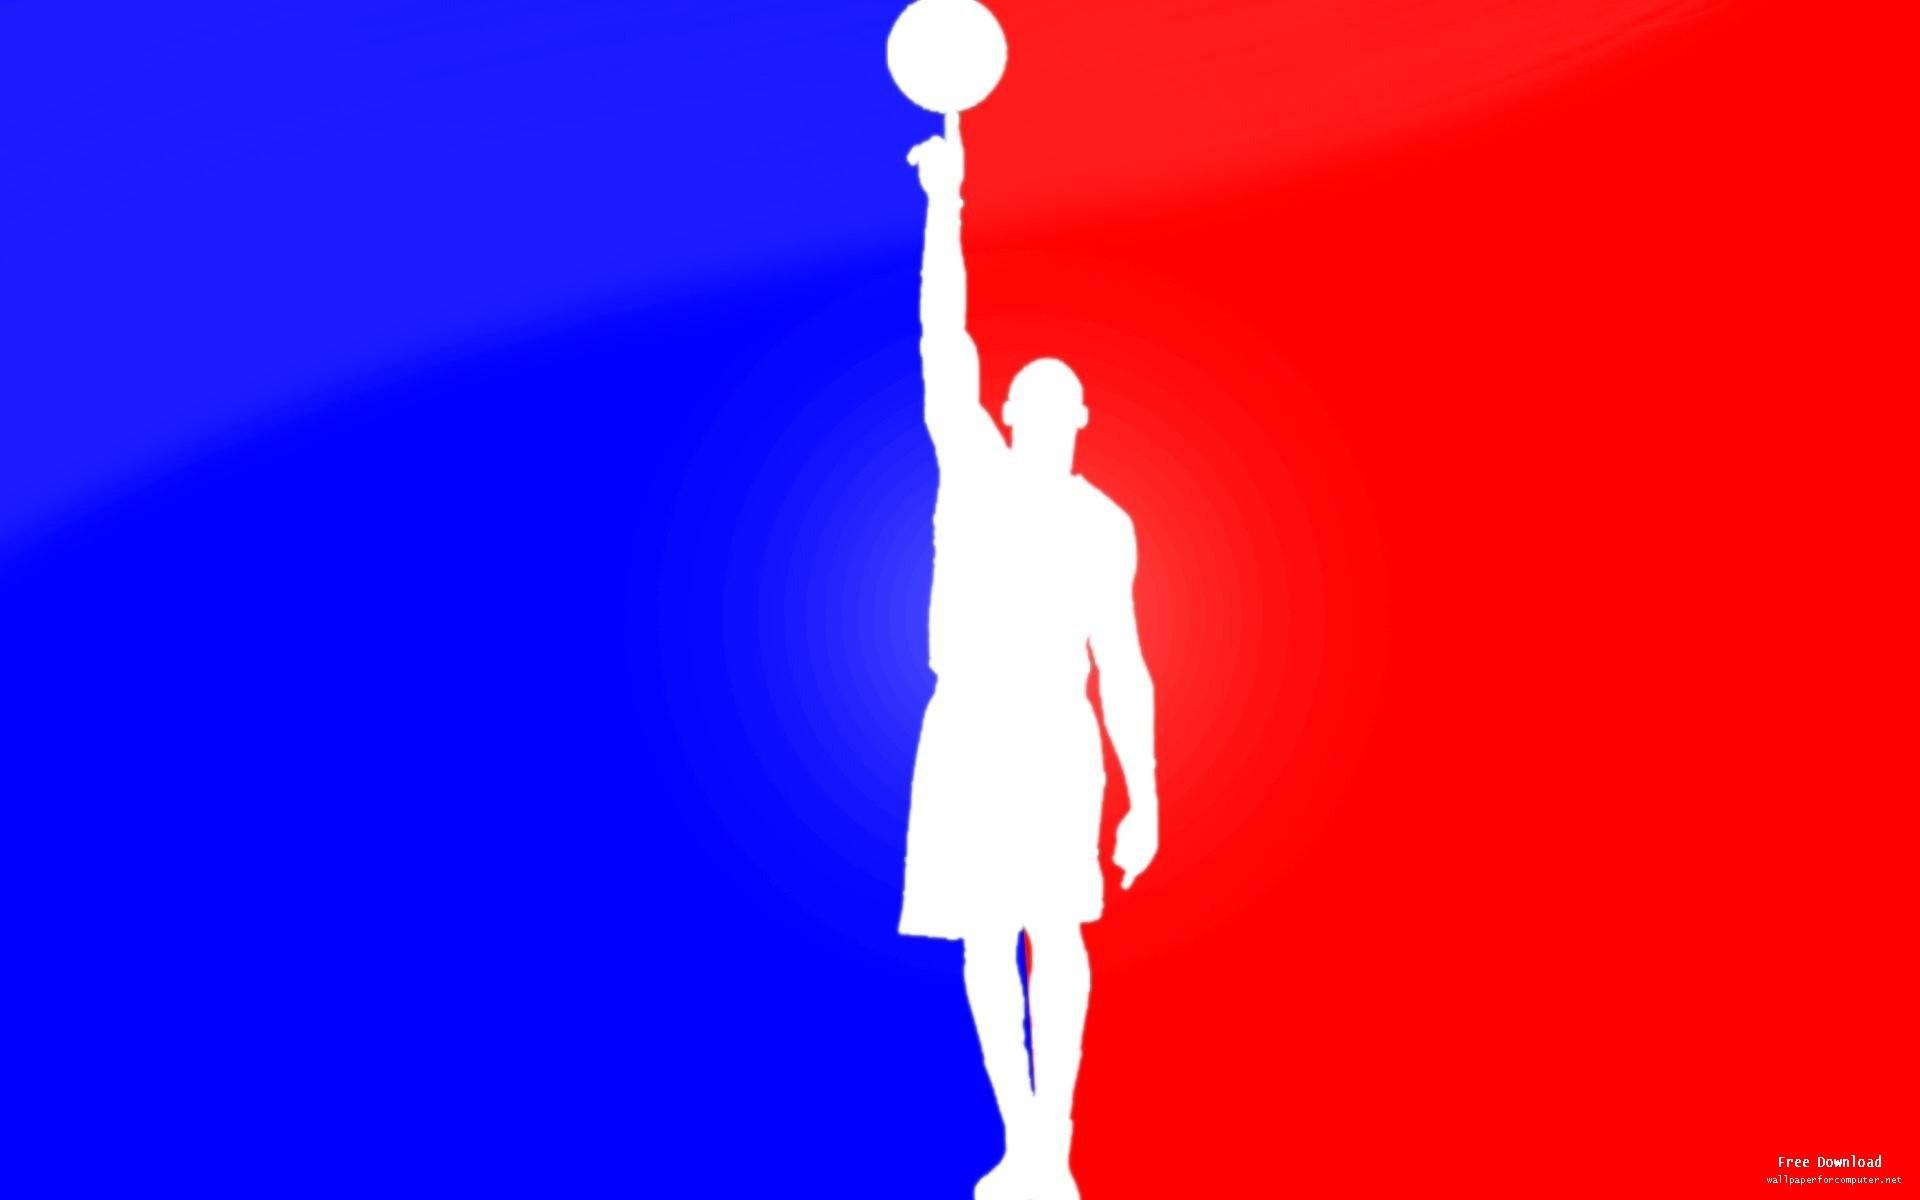 NBA Wallpaper Desktop Basketball Wallpapers 7